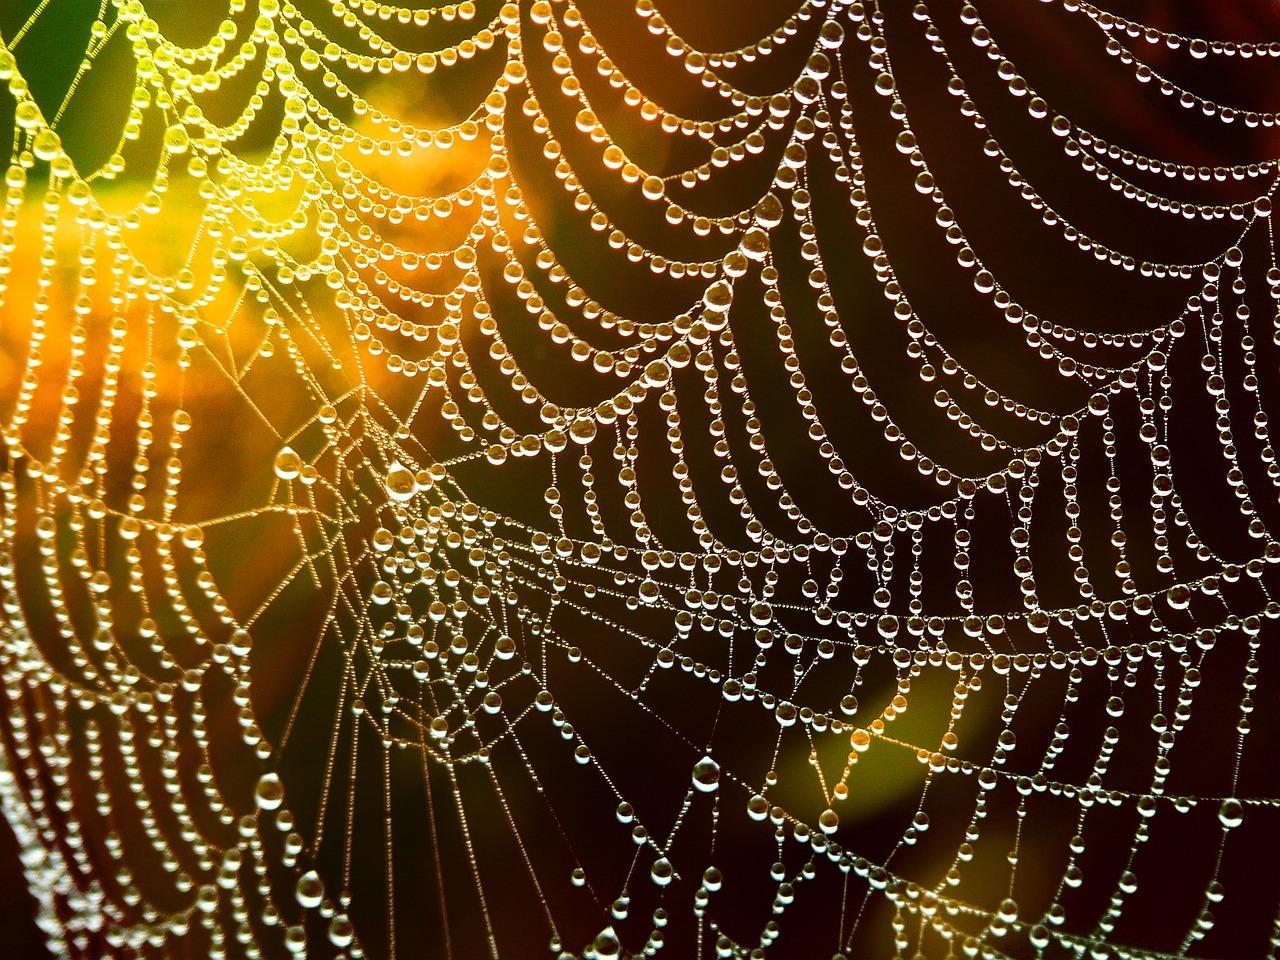 Se débarrasser des toiles d'araignées dans la maison